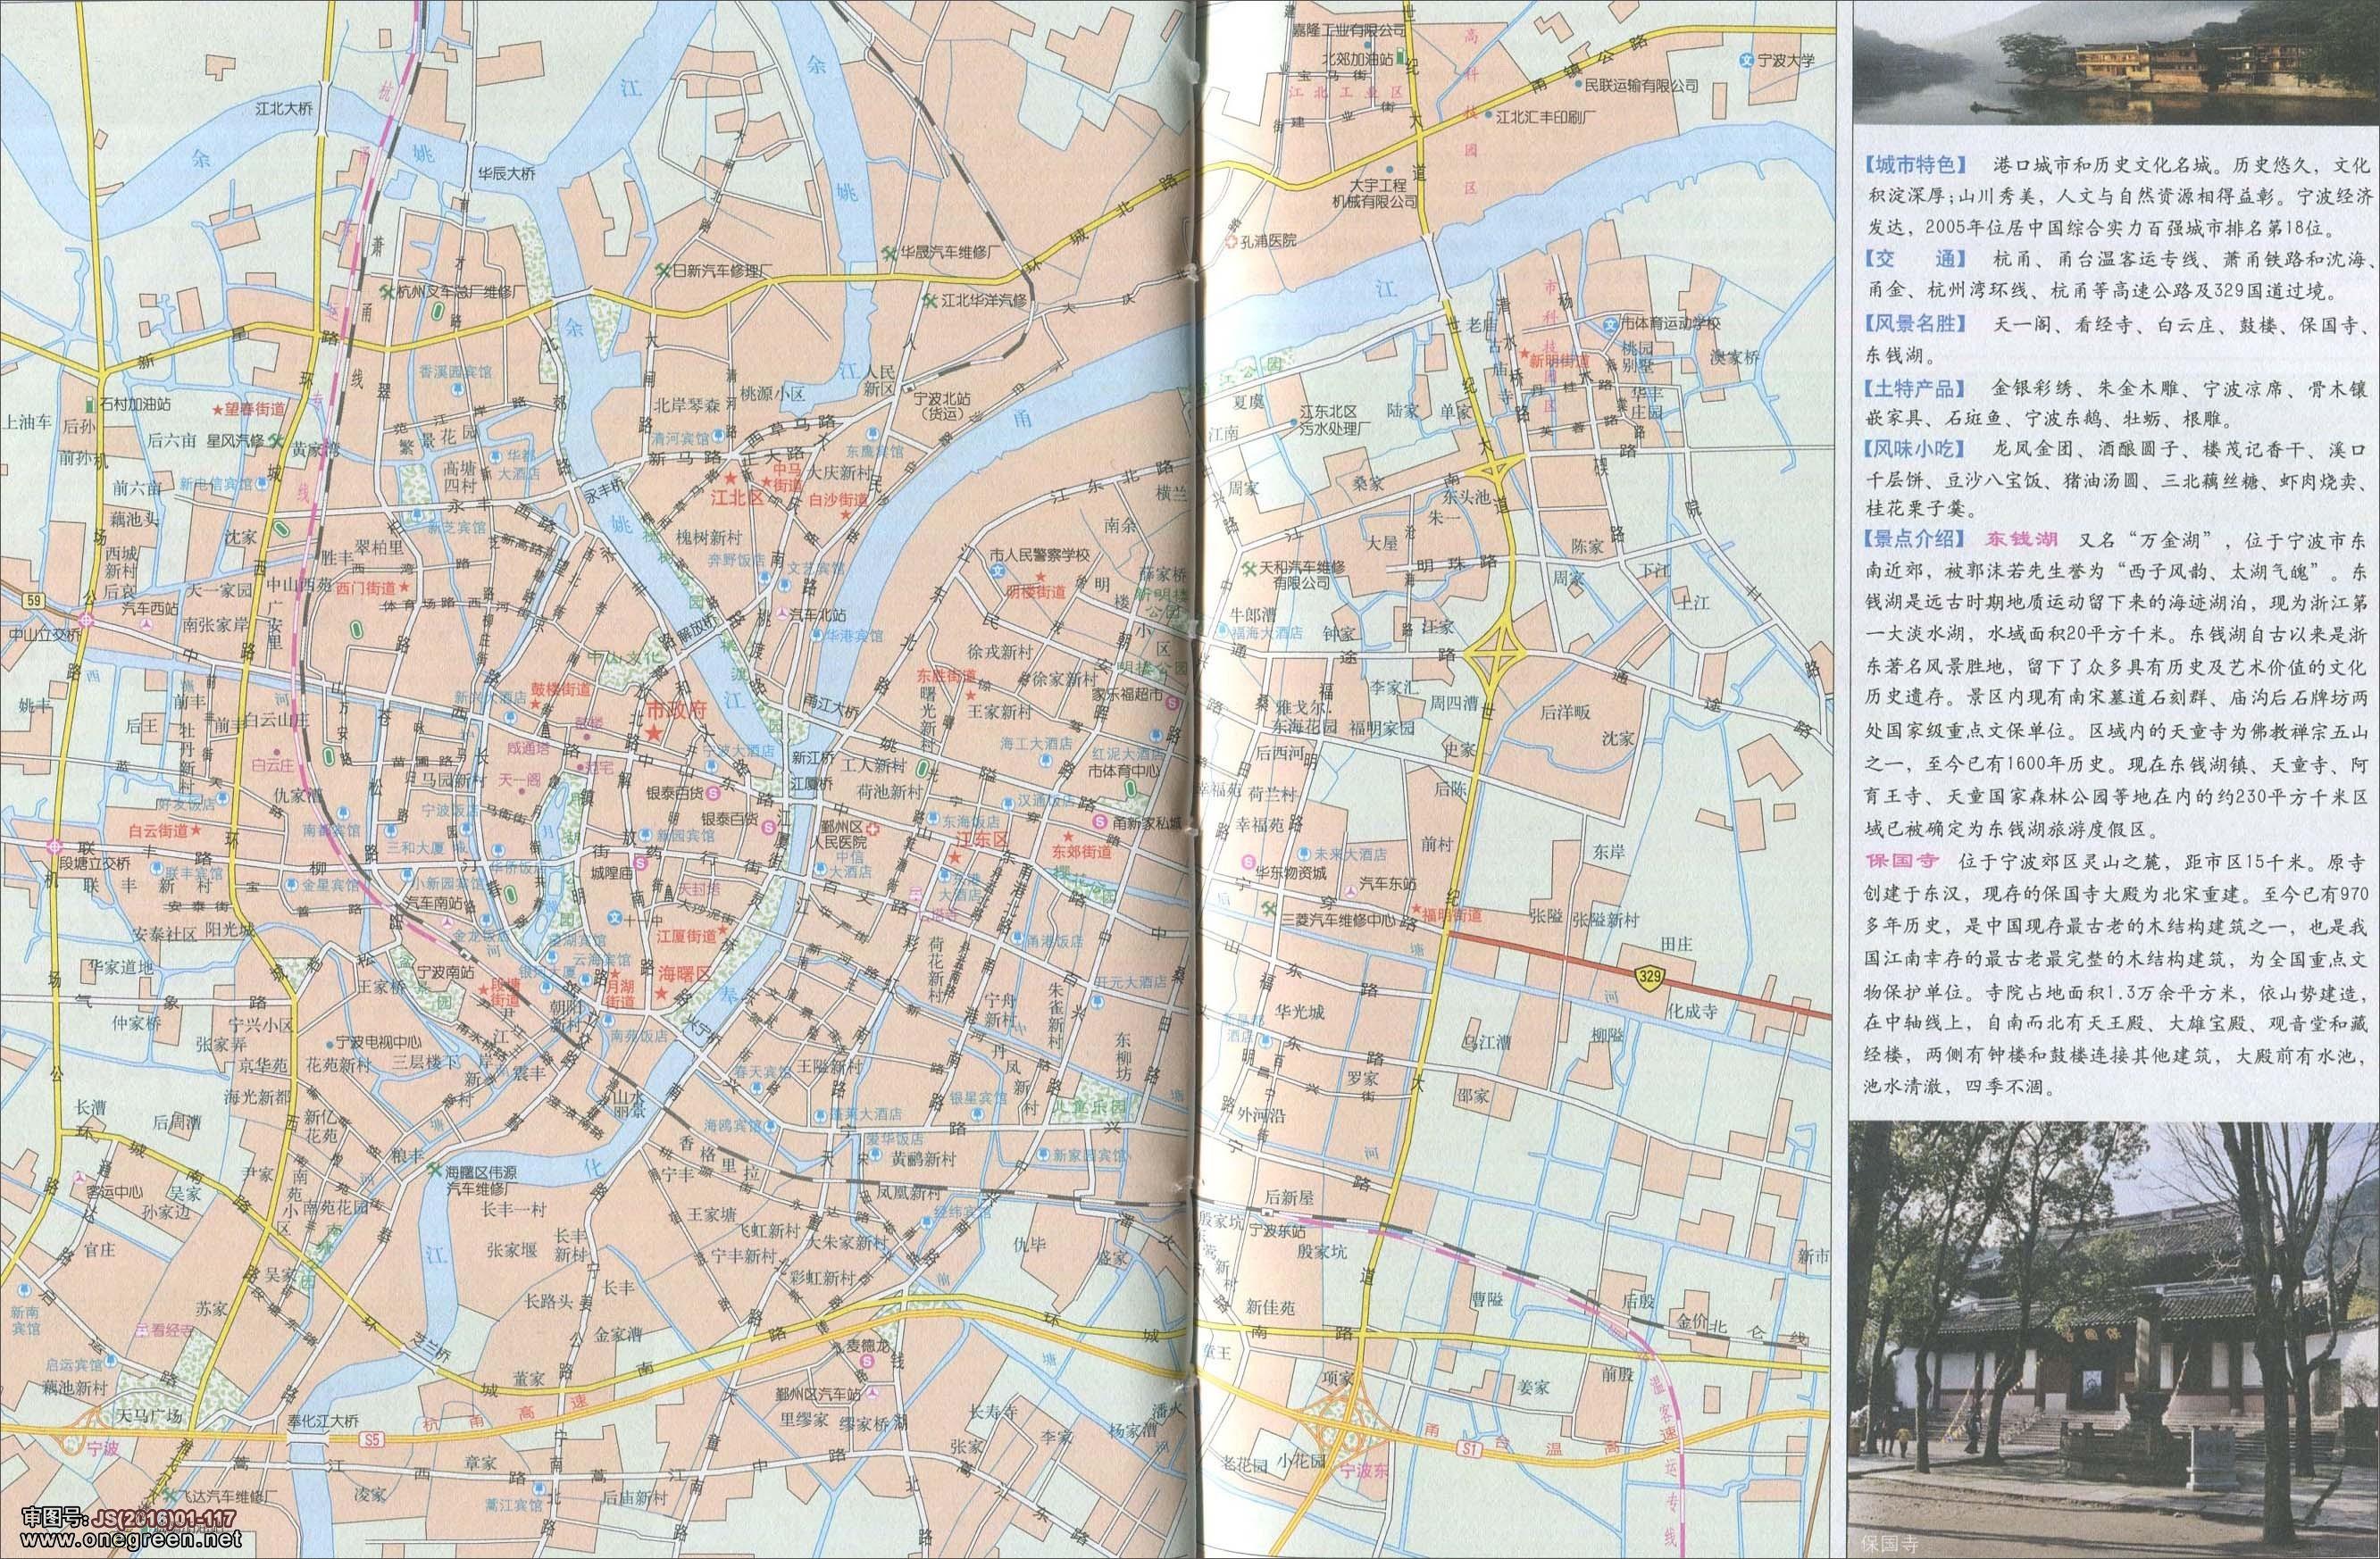 宁波城区地图